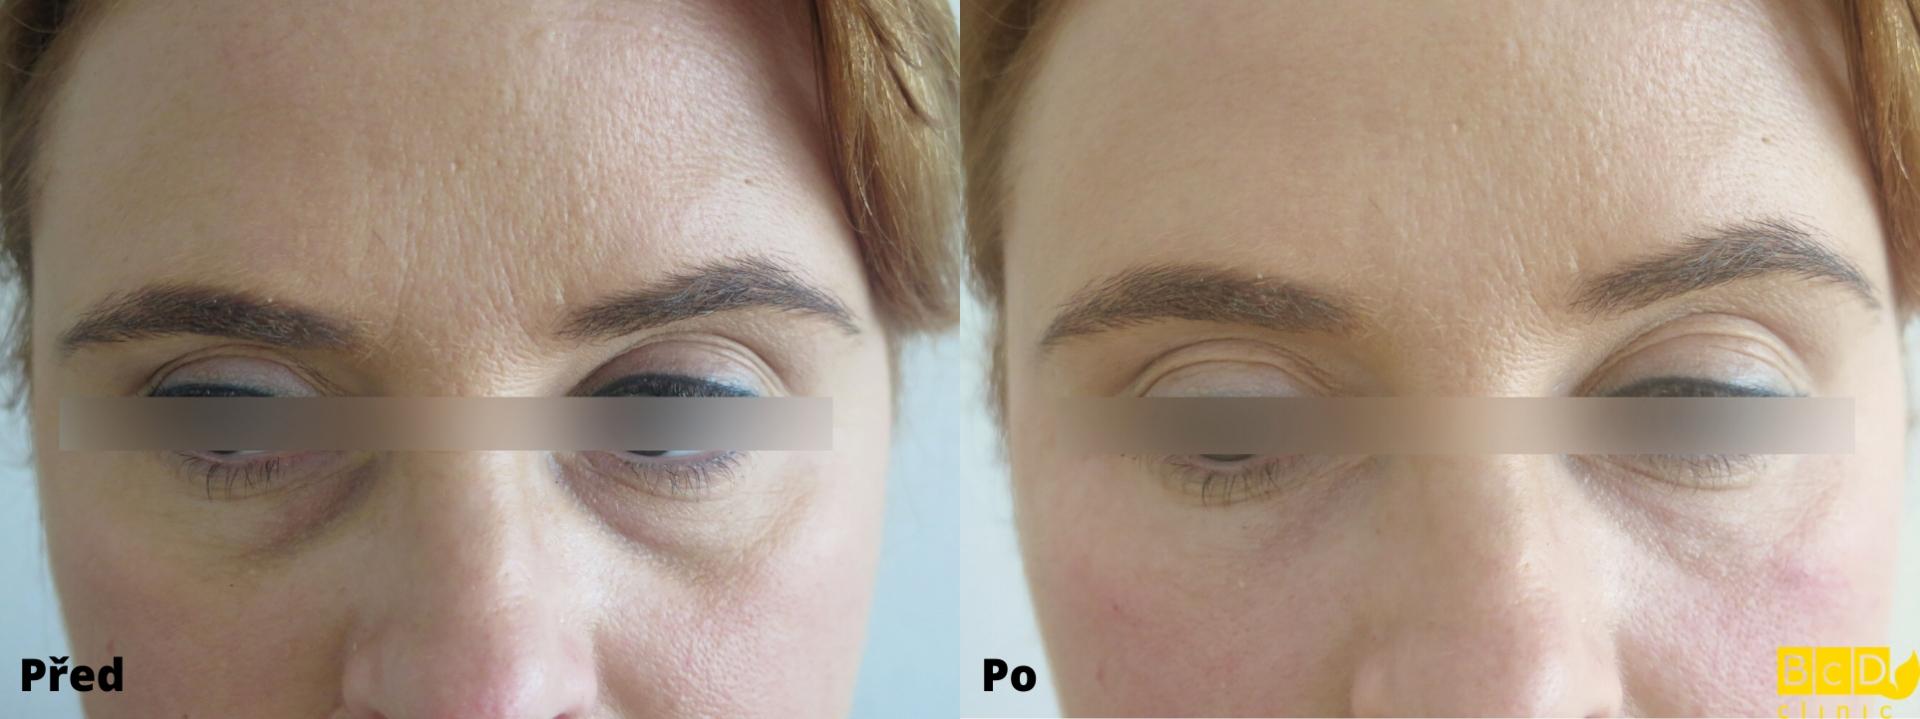 Odstranění kruhů pod očima výplněmi kyseliny hyaluronové – PŘED A PO ZÁKROKU